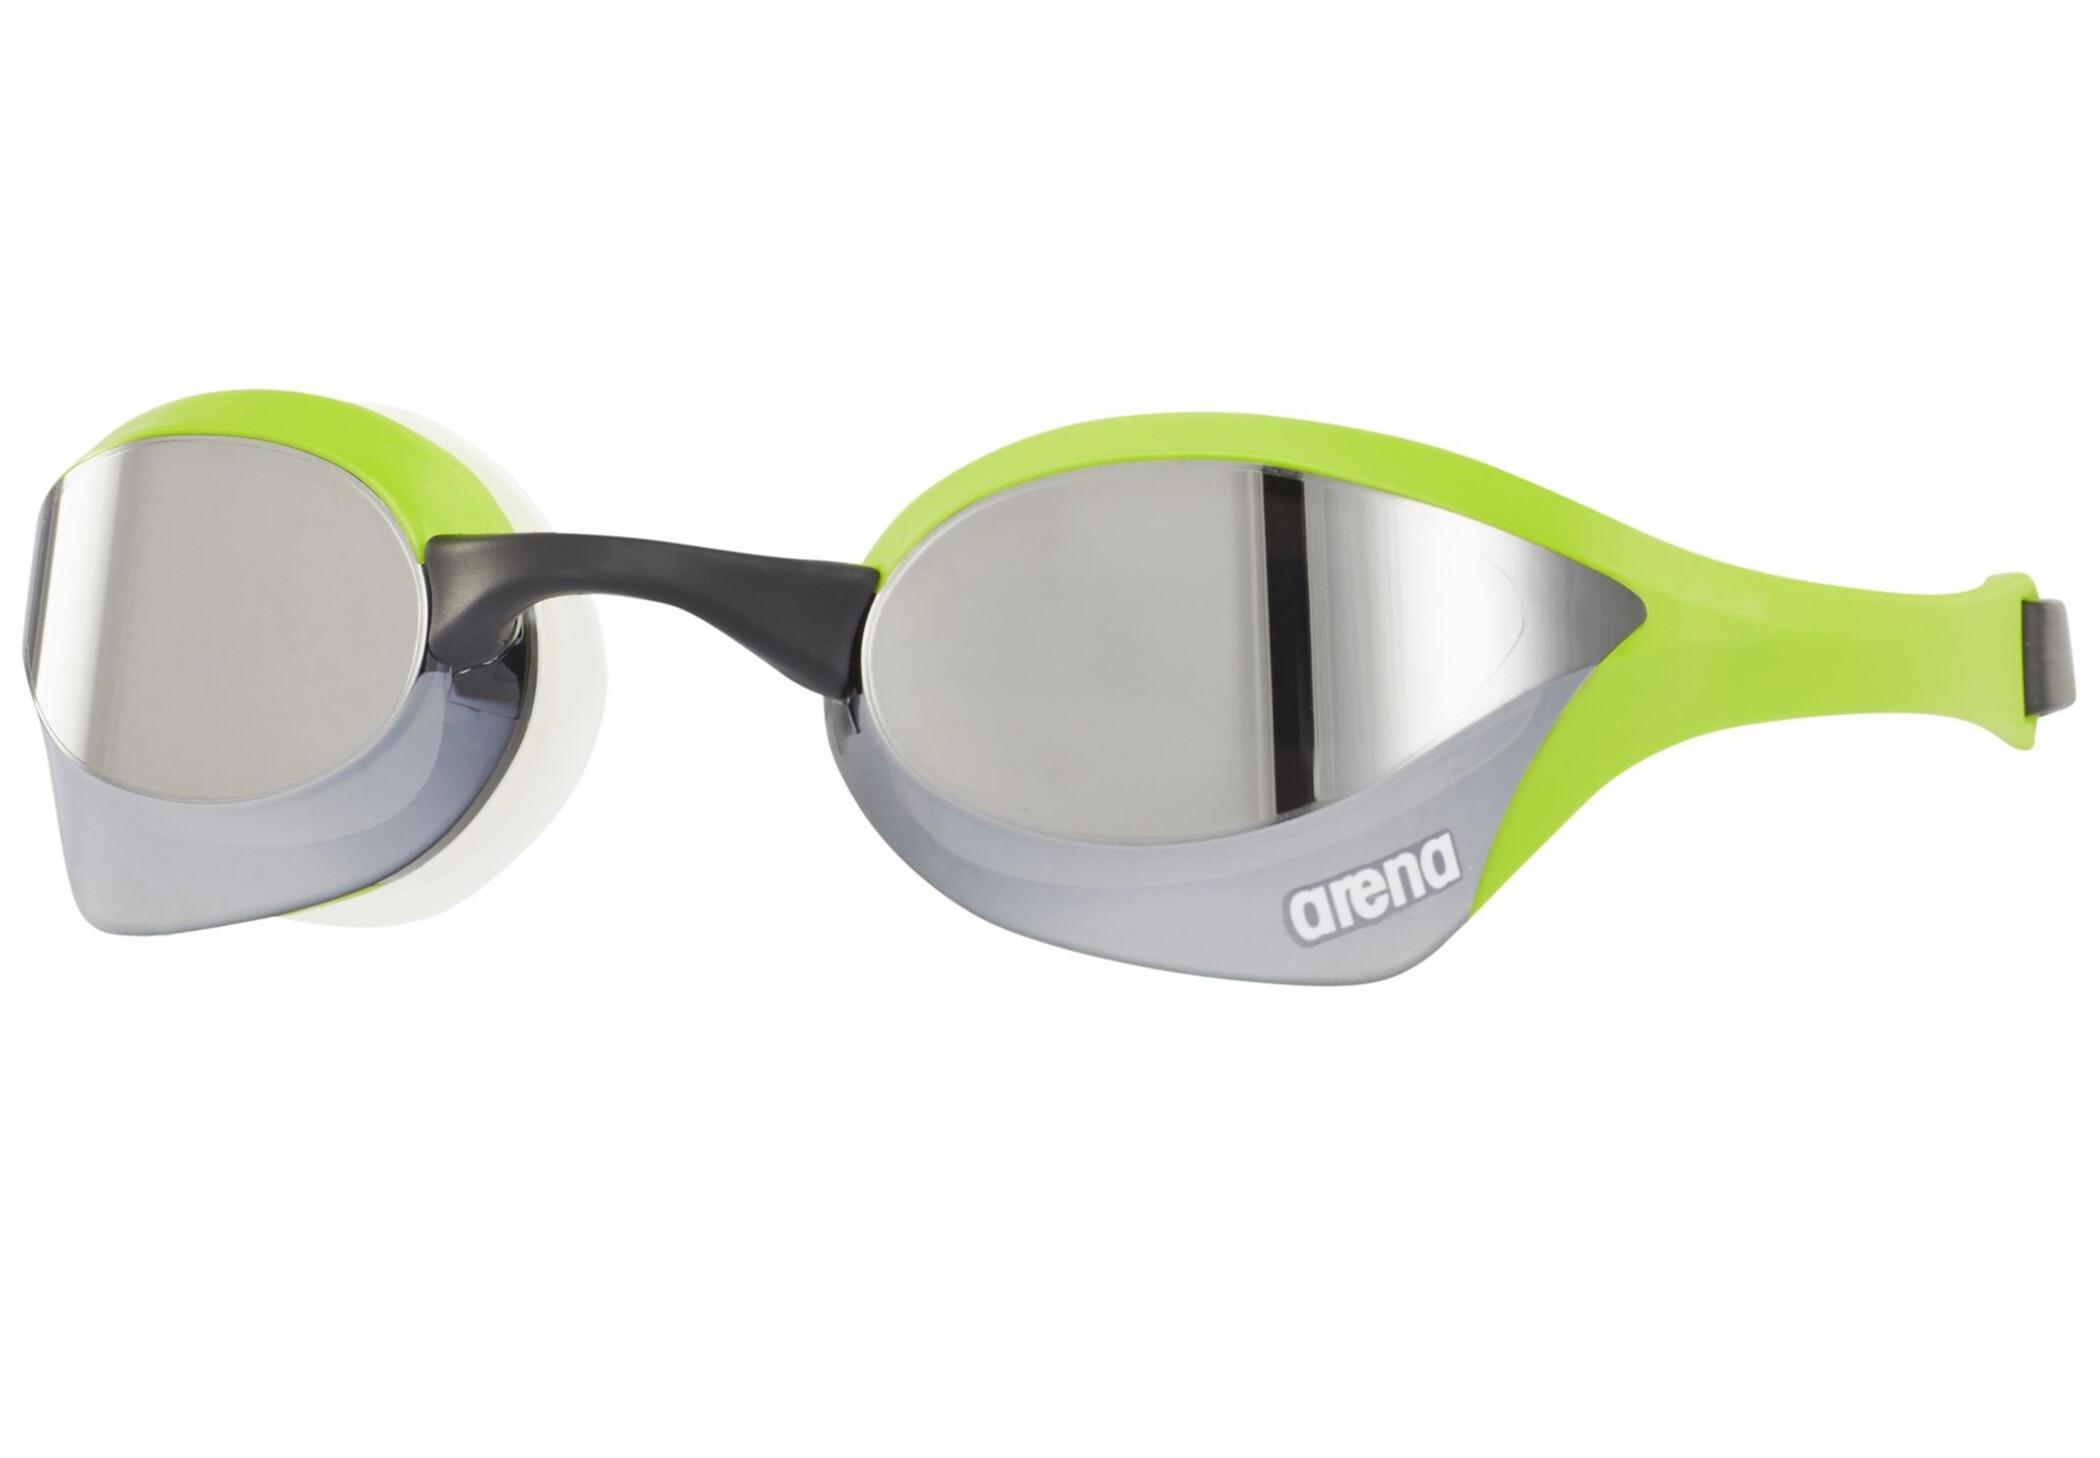 arena Cobra Ultra Mirror Simglasögon grön - till fenomenalt pris på ... 099f38eaa4b59